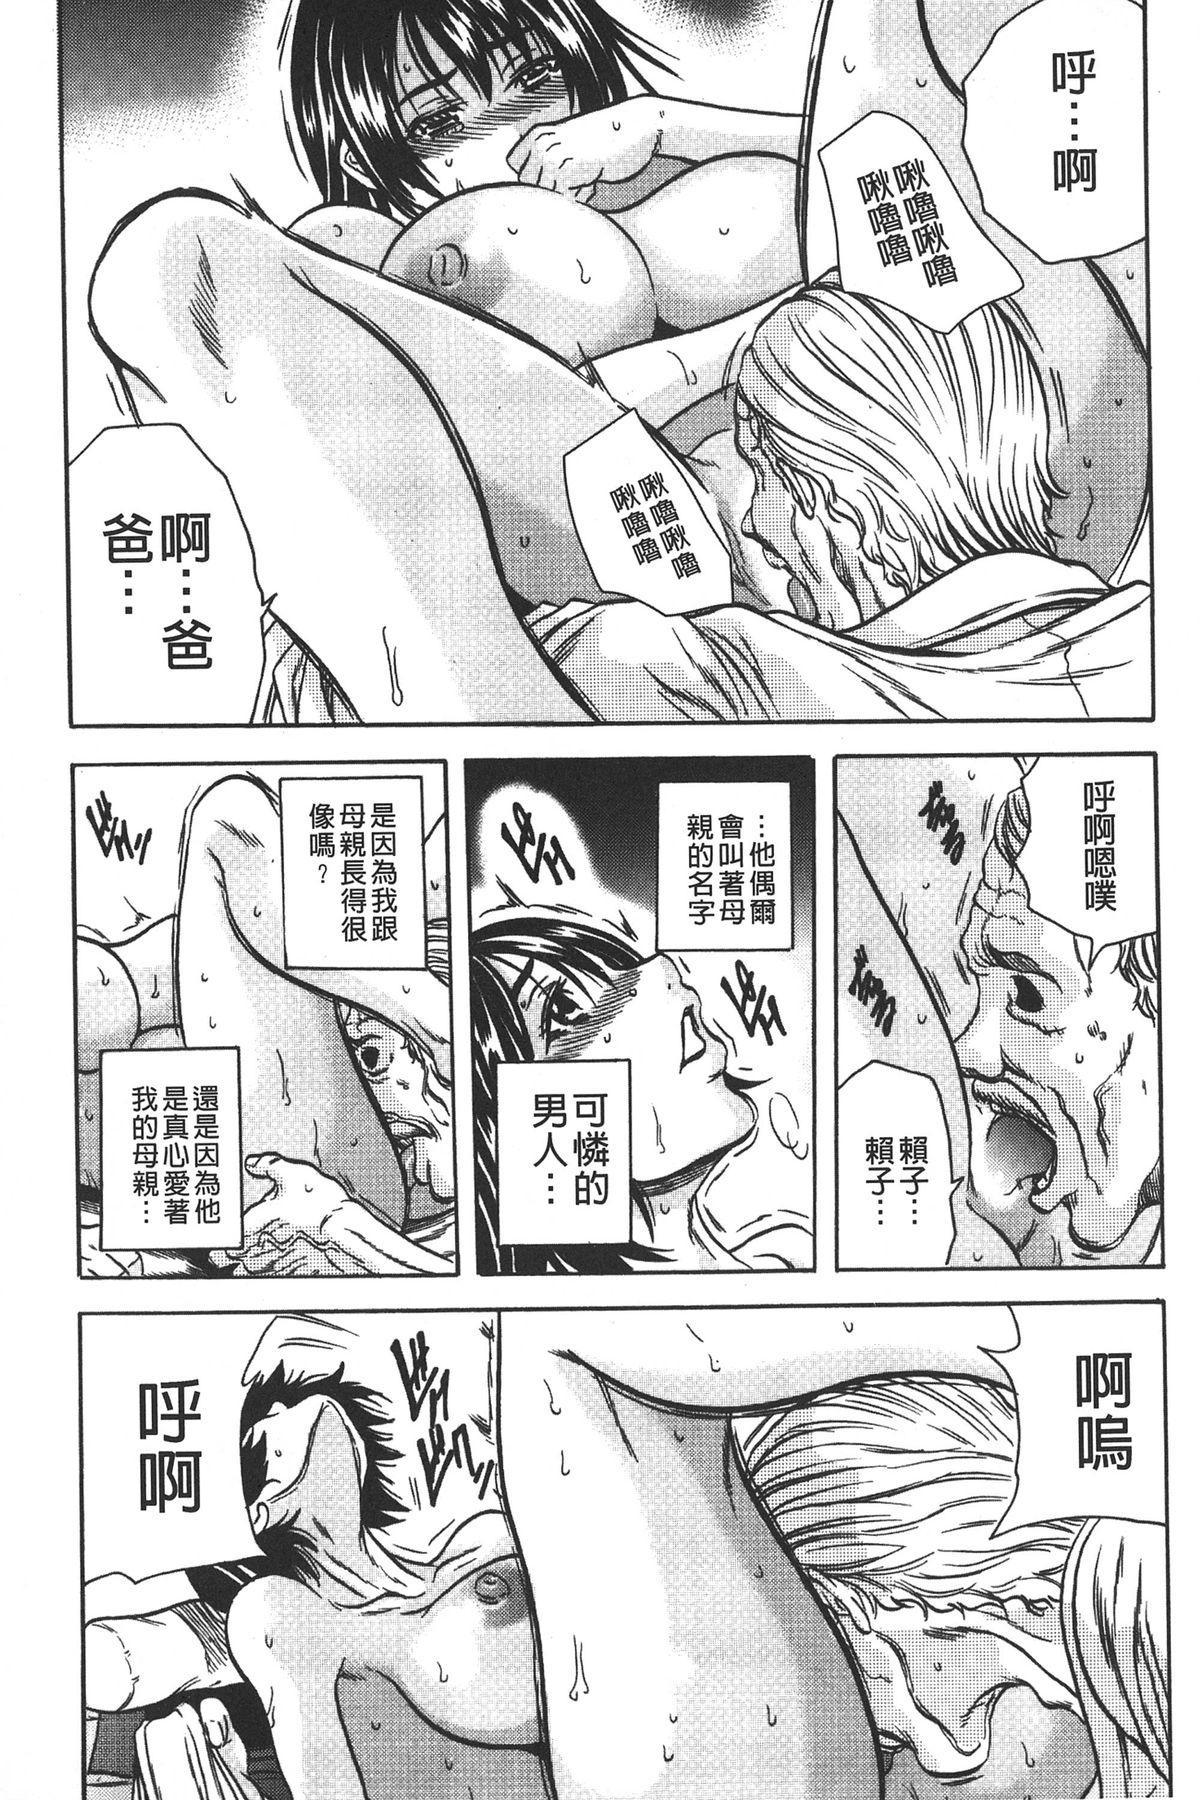 Ryoujoku Kyoushitsu 167